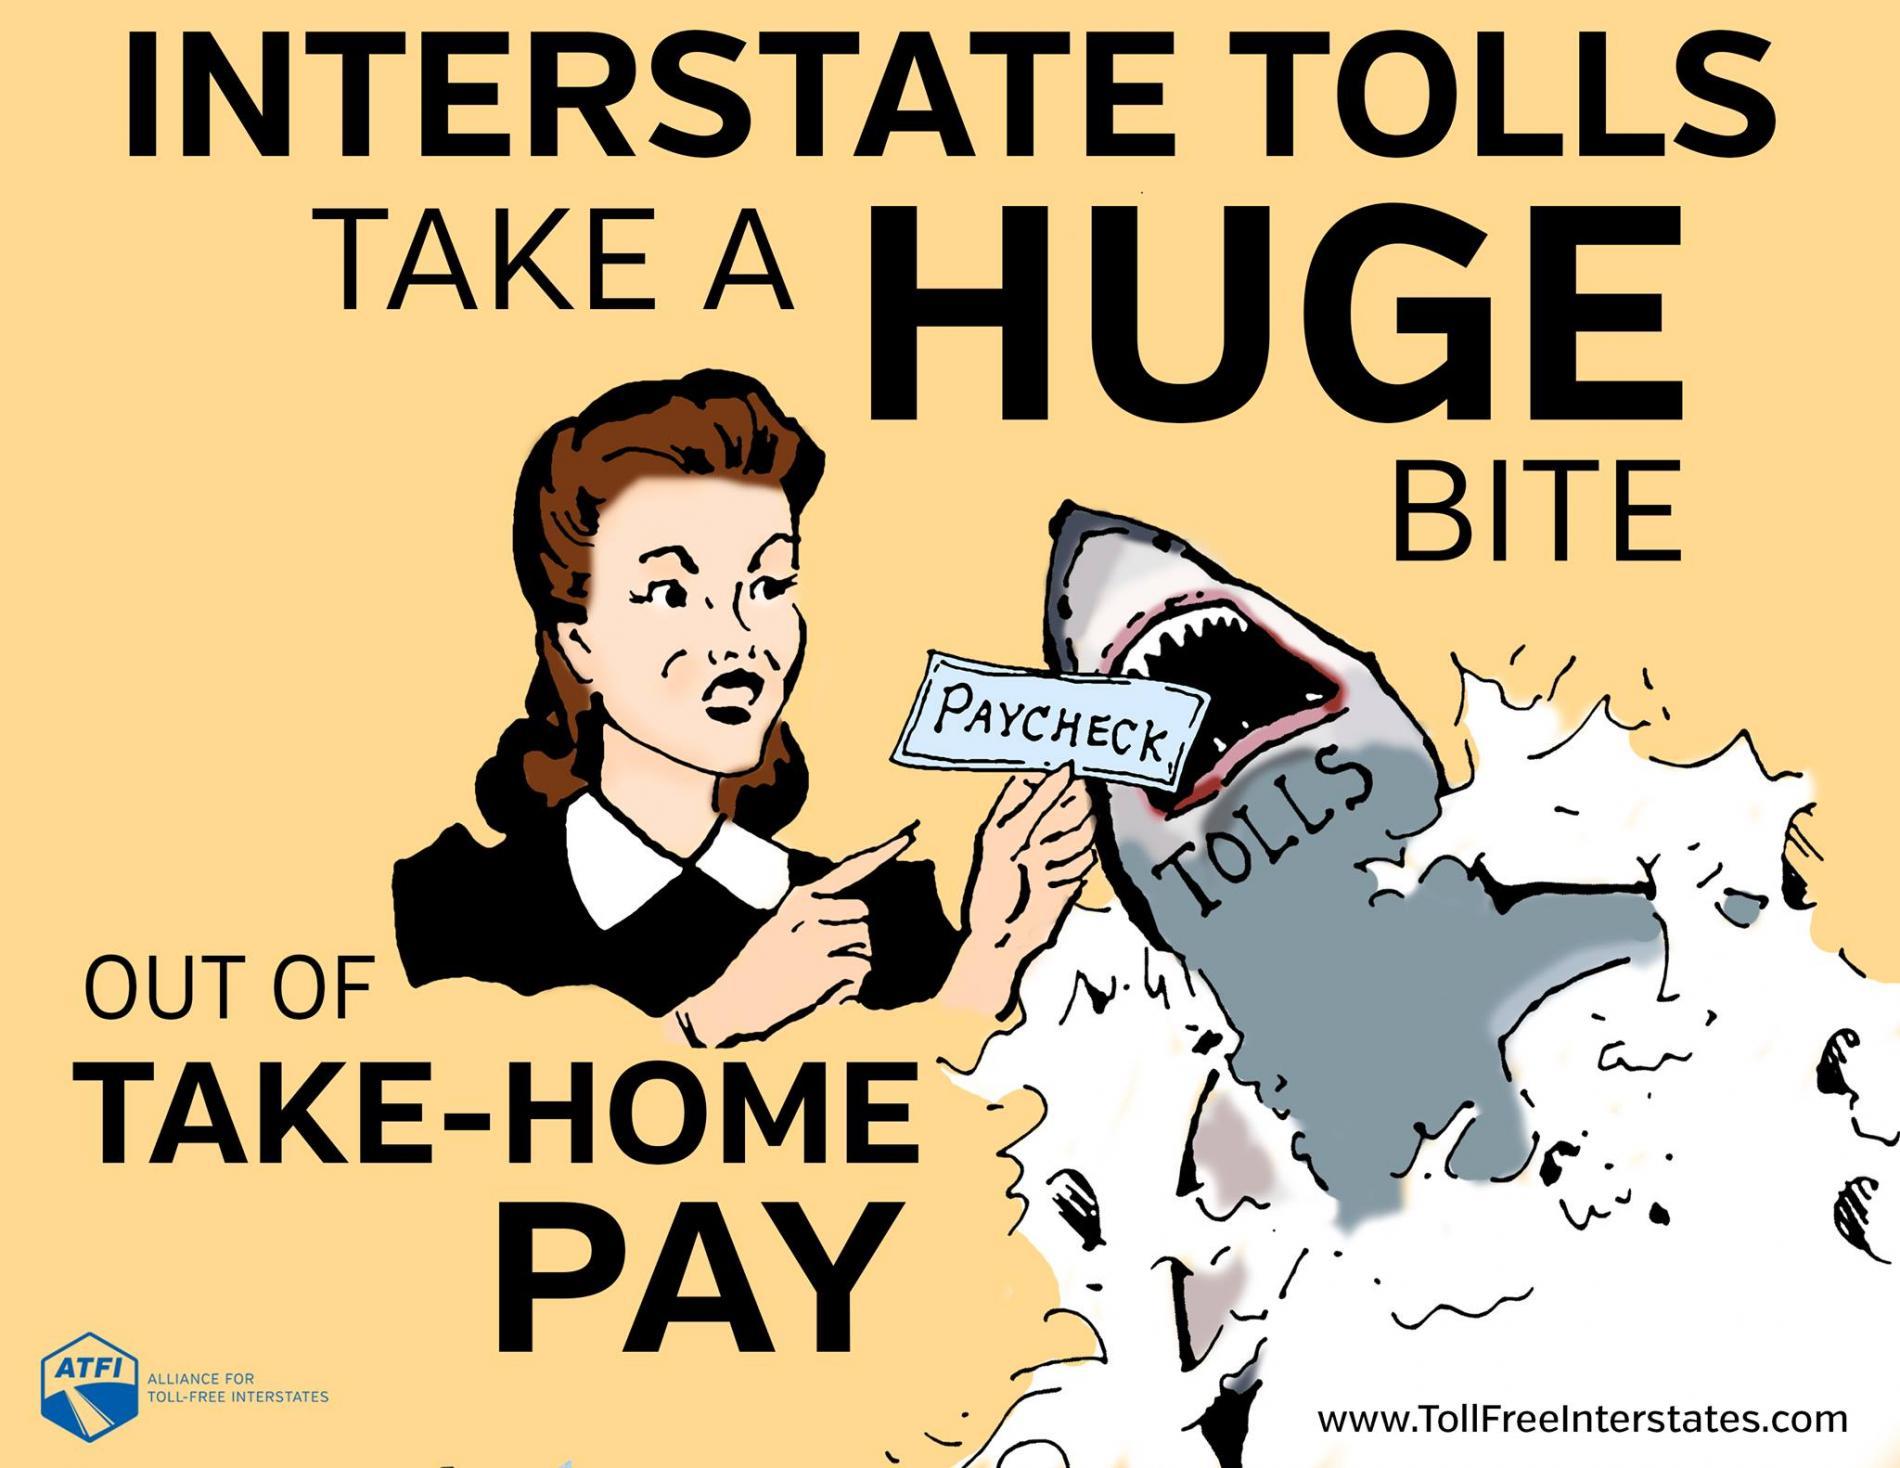 Interstate Tolls